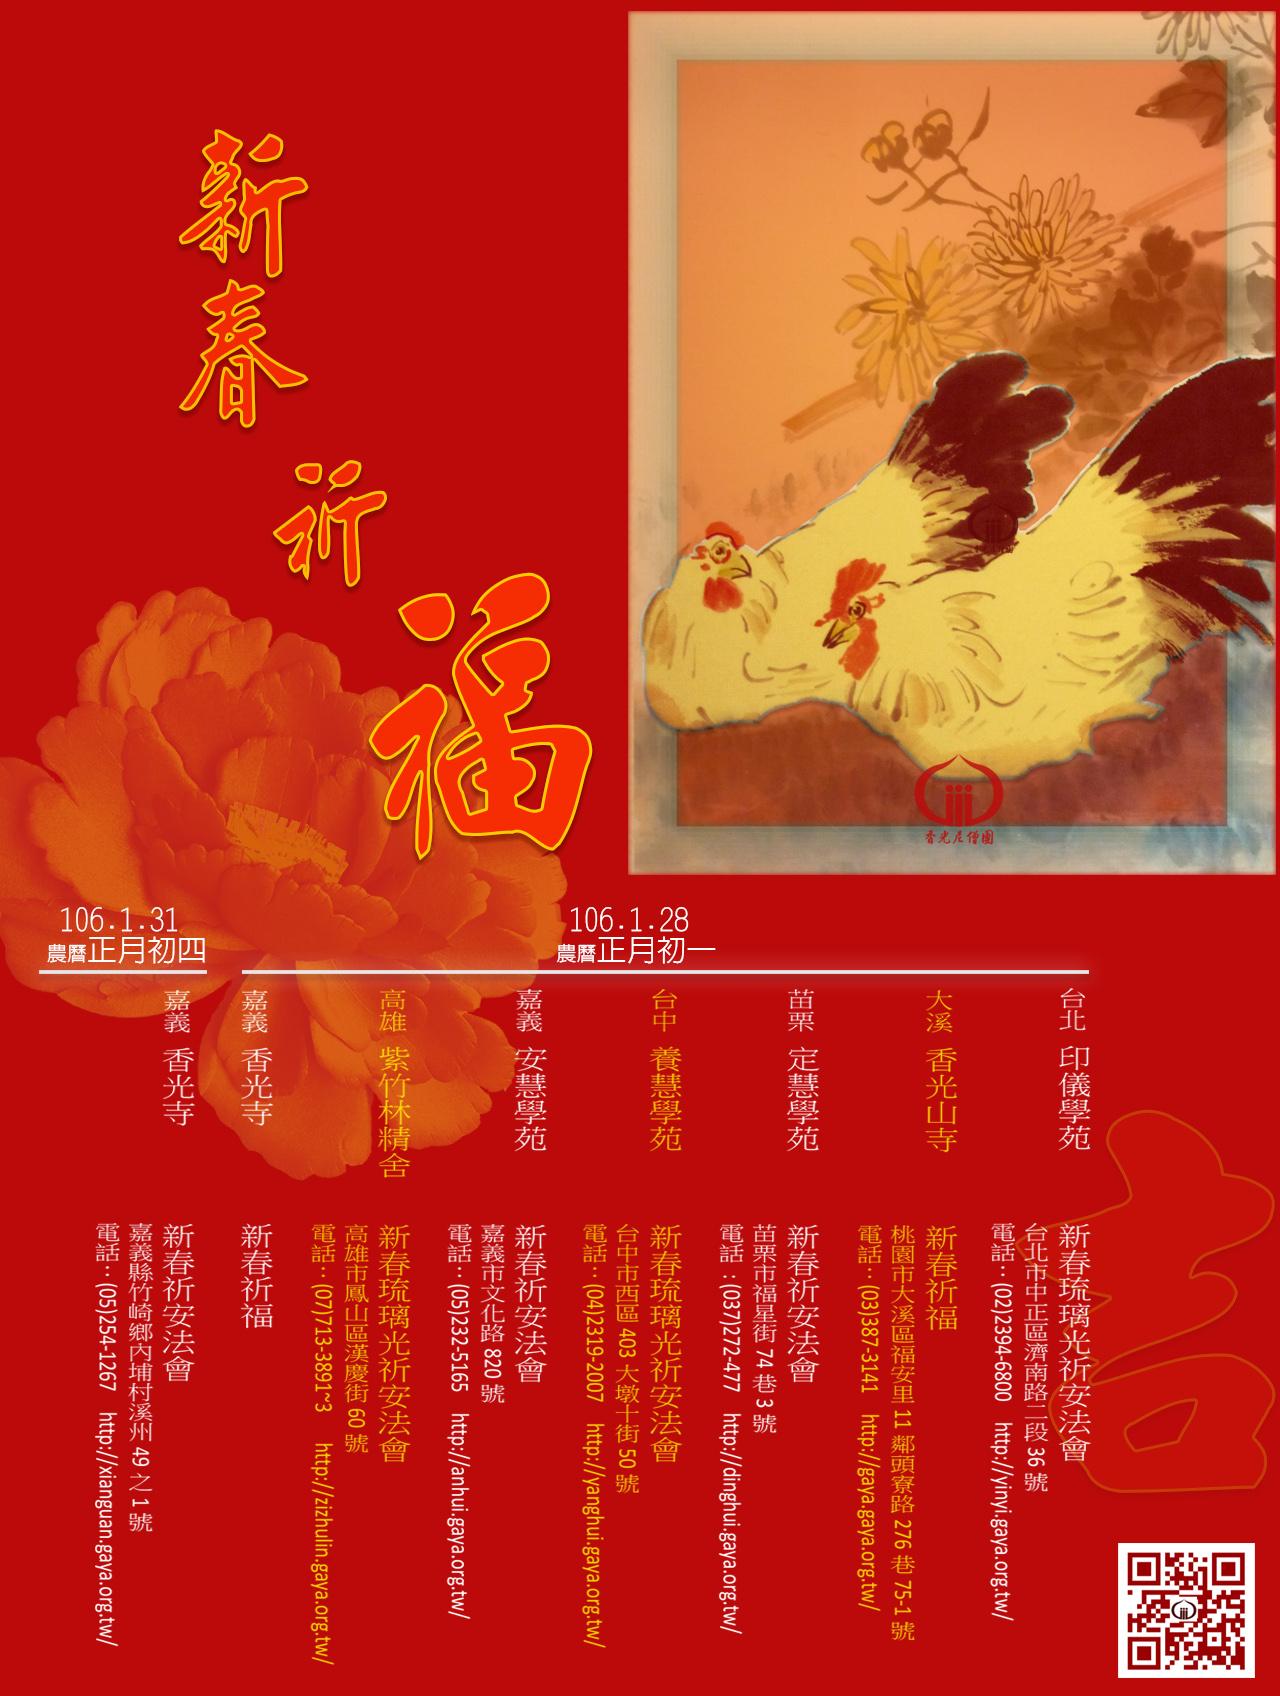 香光尼僧團 106年度 新春祈安法會